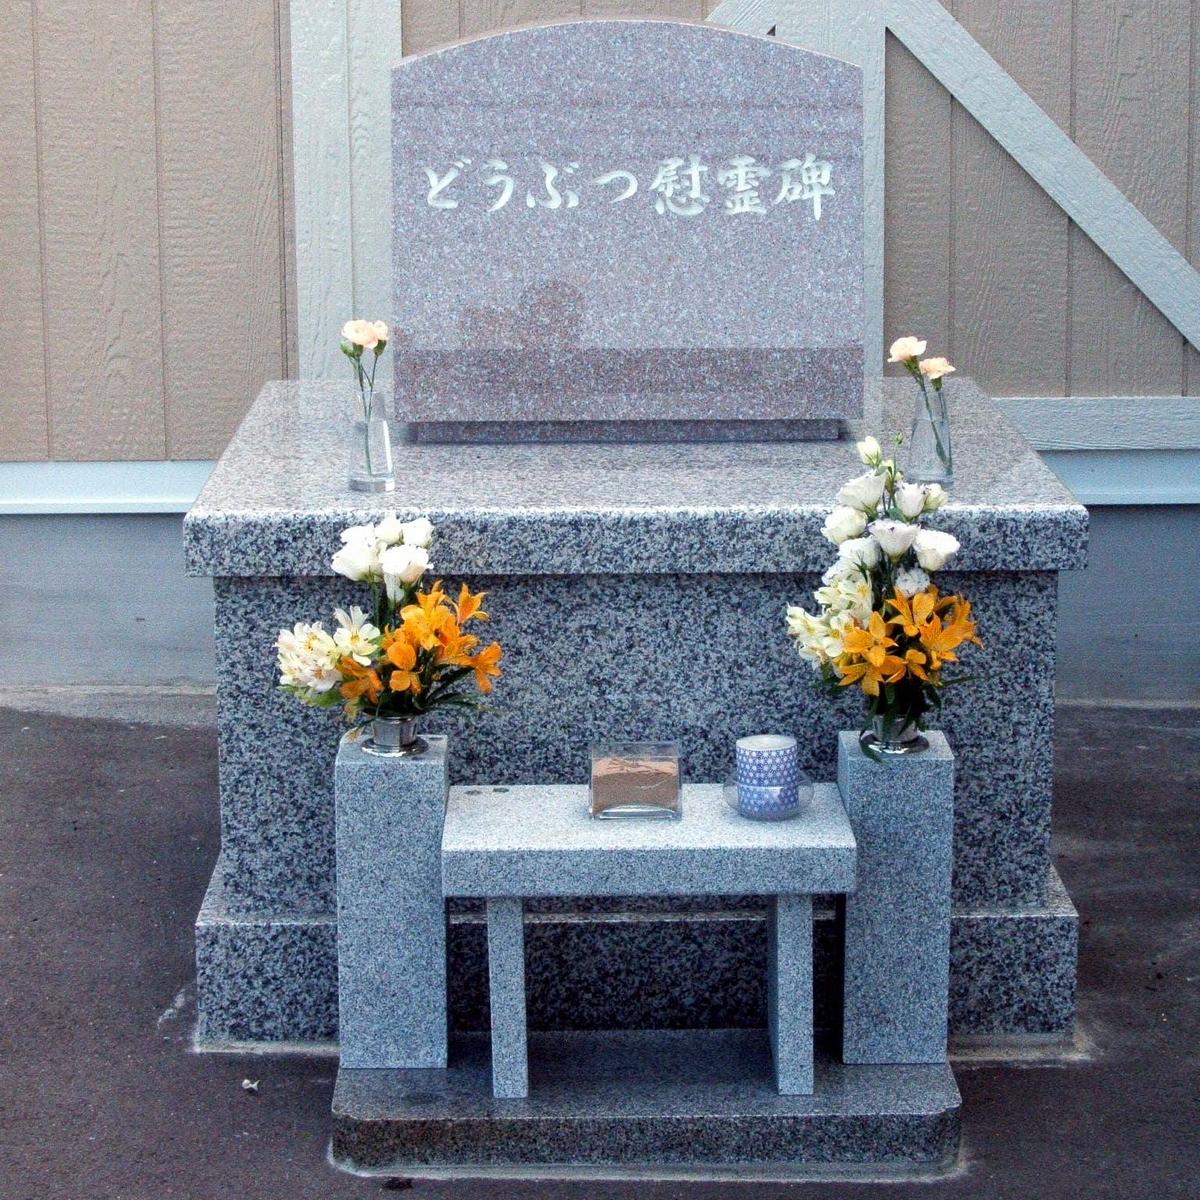 合同火葬されたご遺骨は合同慰霊碑に埋葬致します